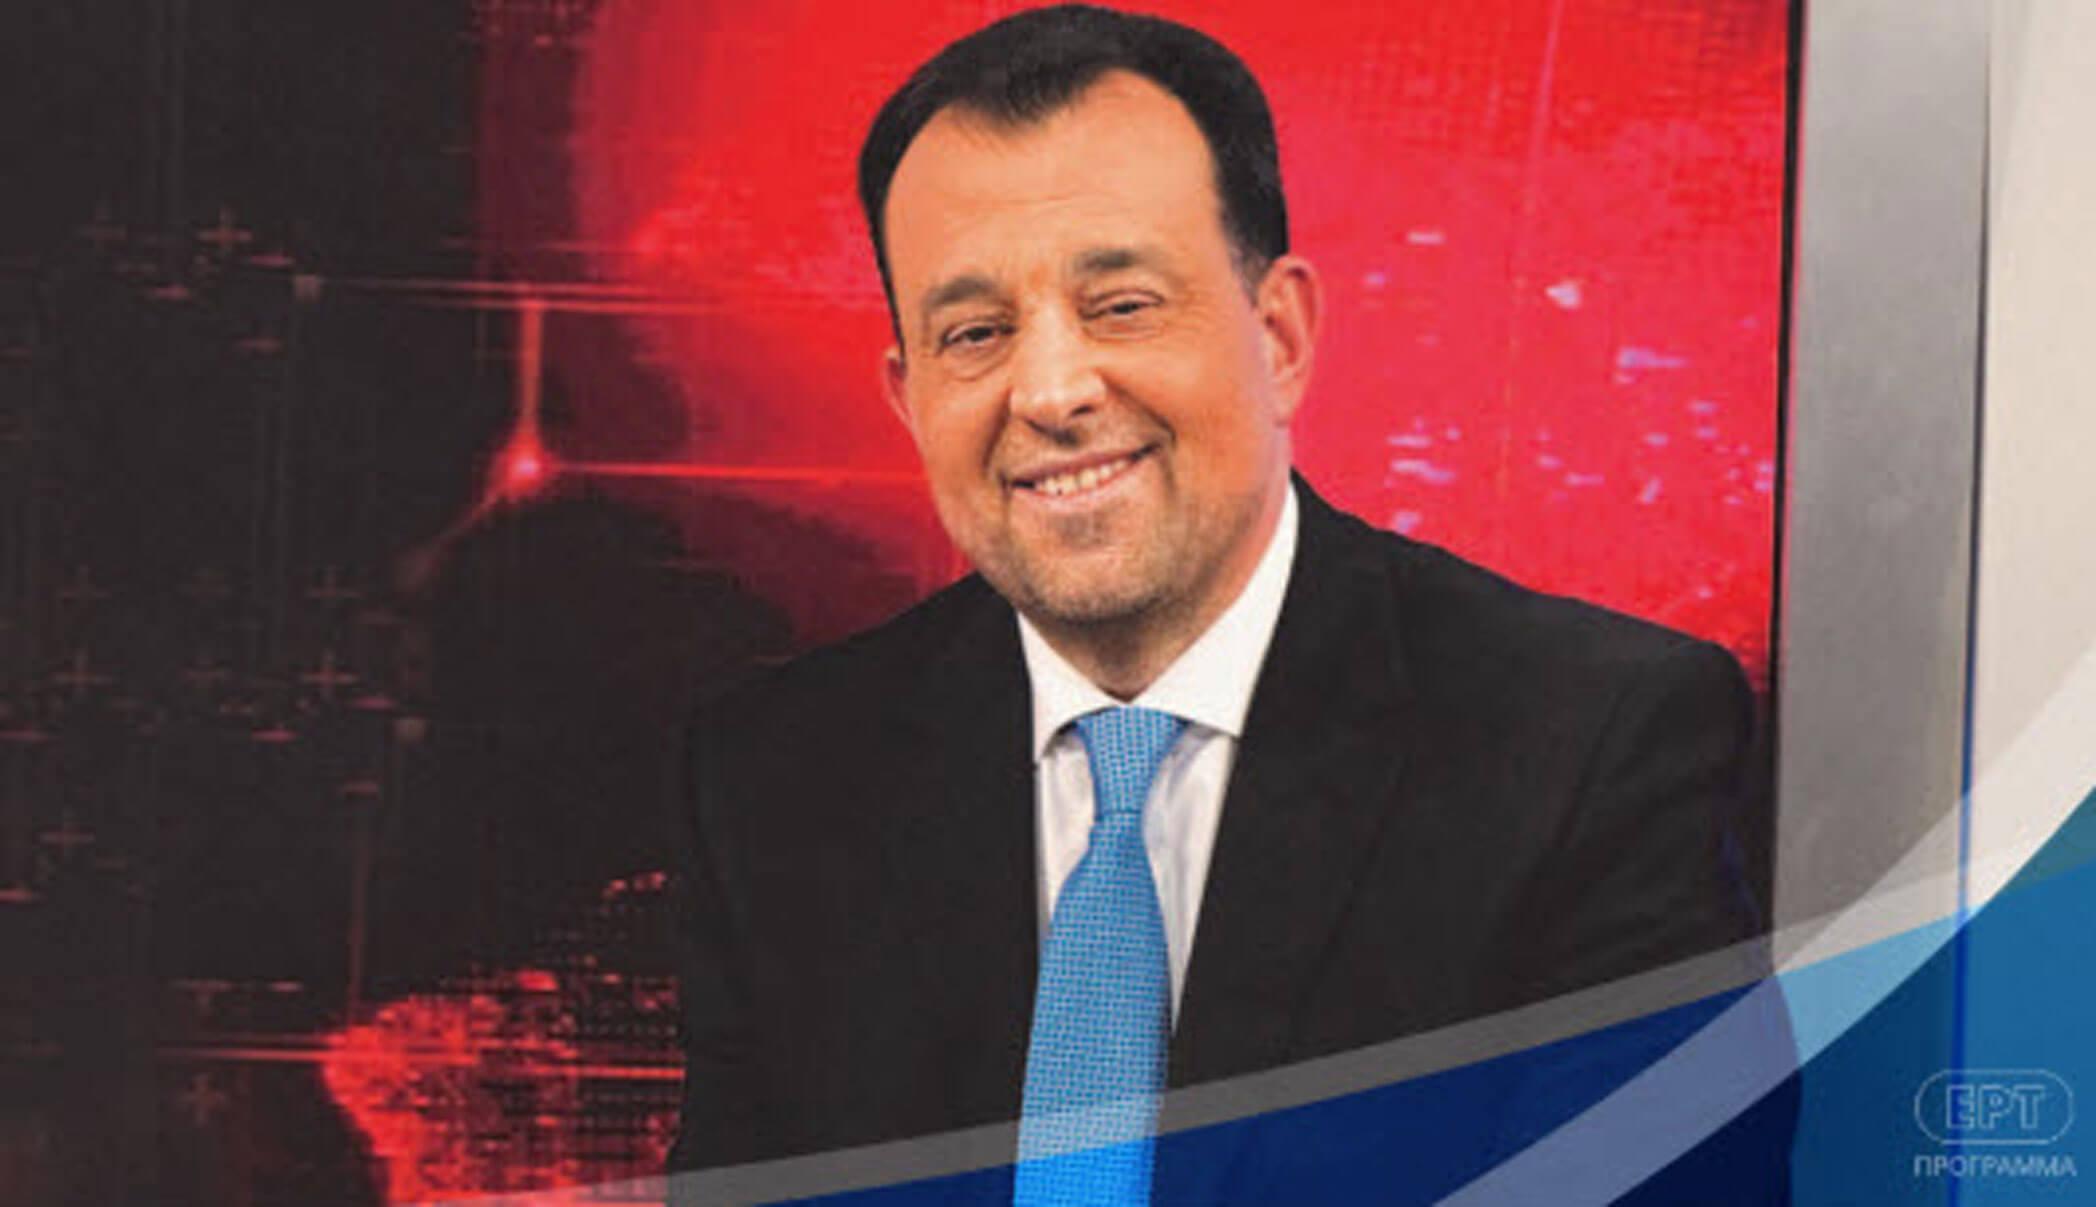 Η ΕΡΤ καταδικάζει την επίθεση στον Σεραφείμ Κοτρώτσο